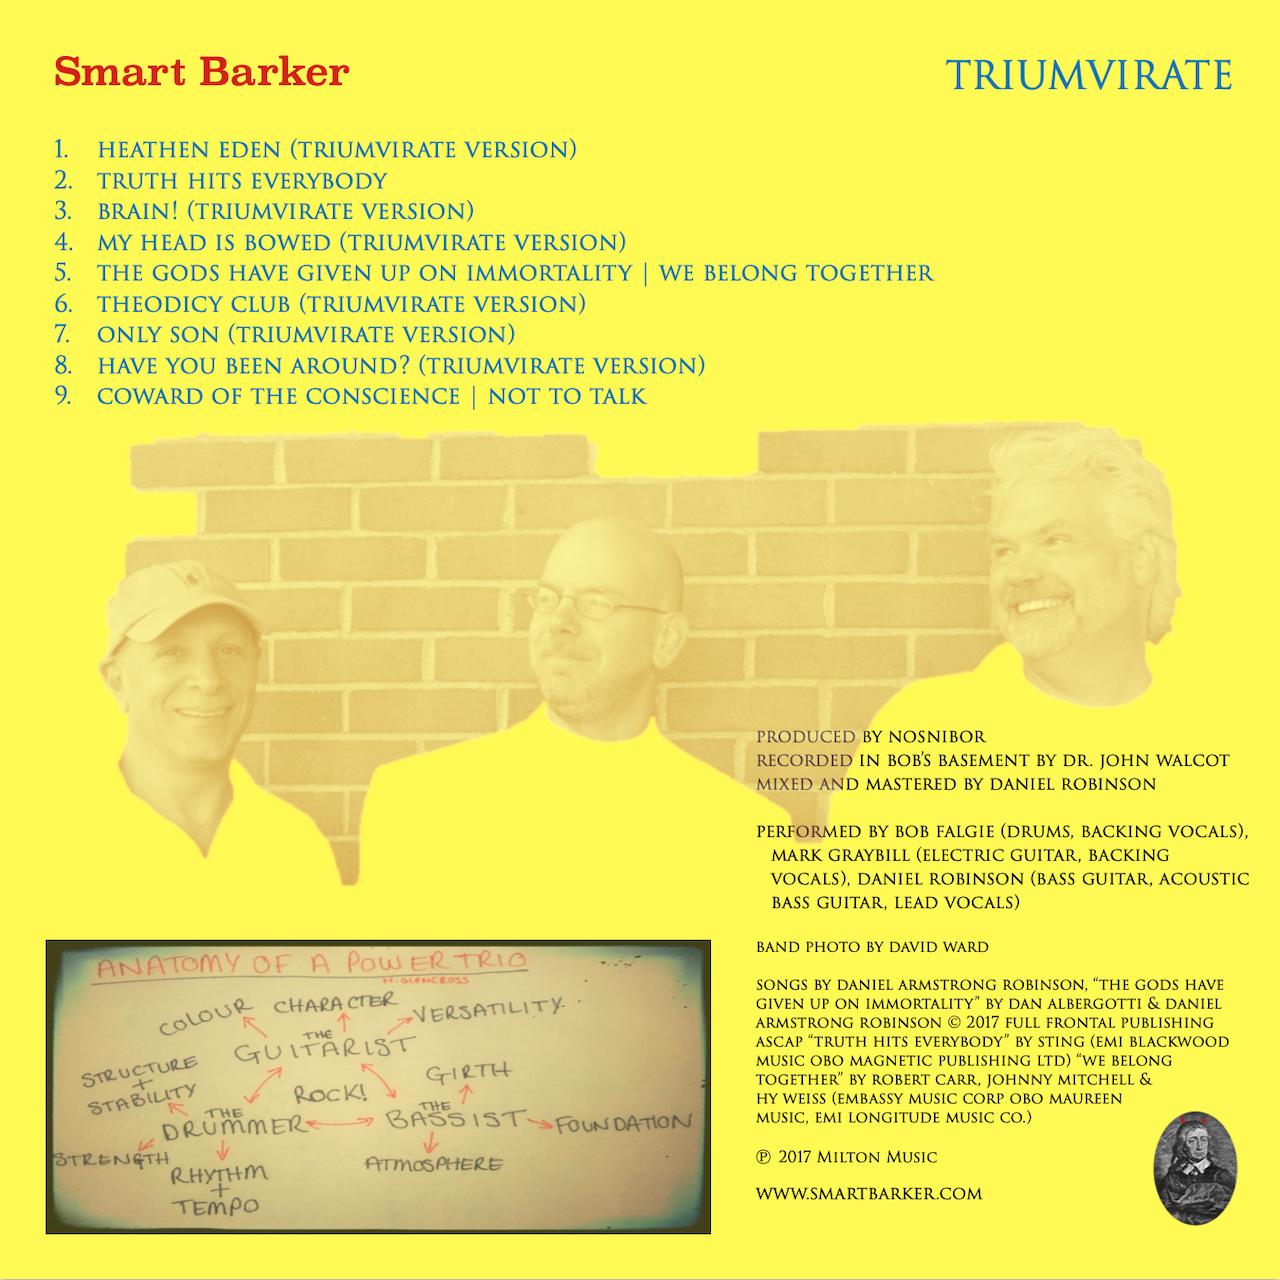 Triumvirate back cover